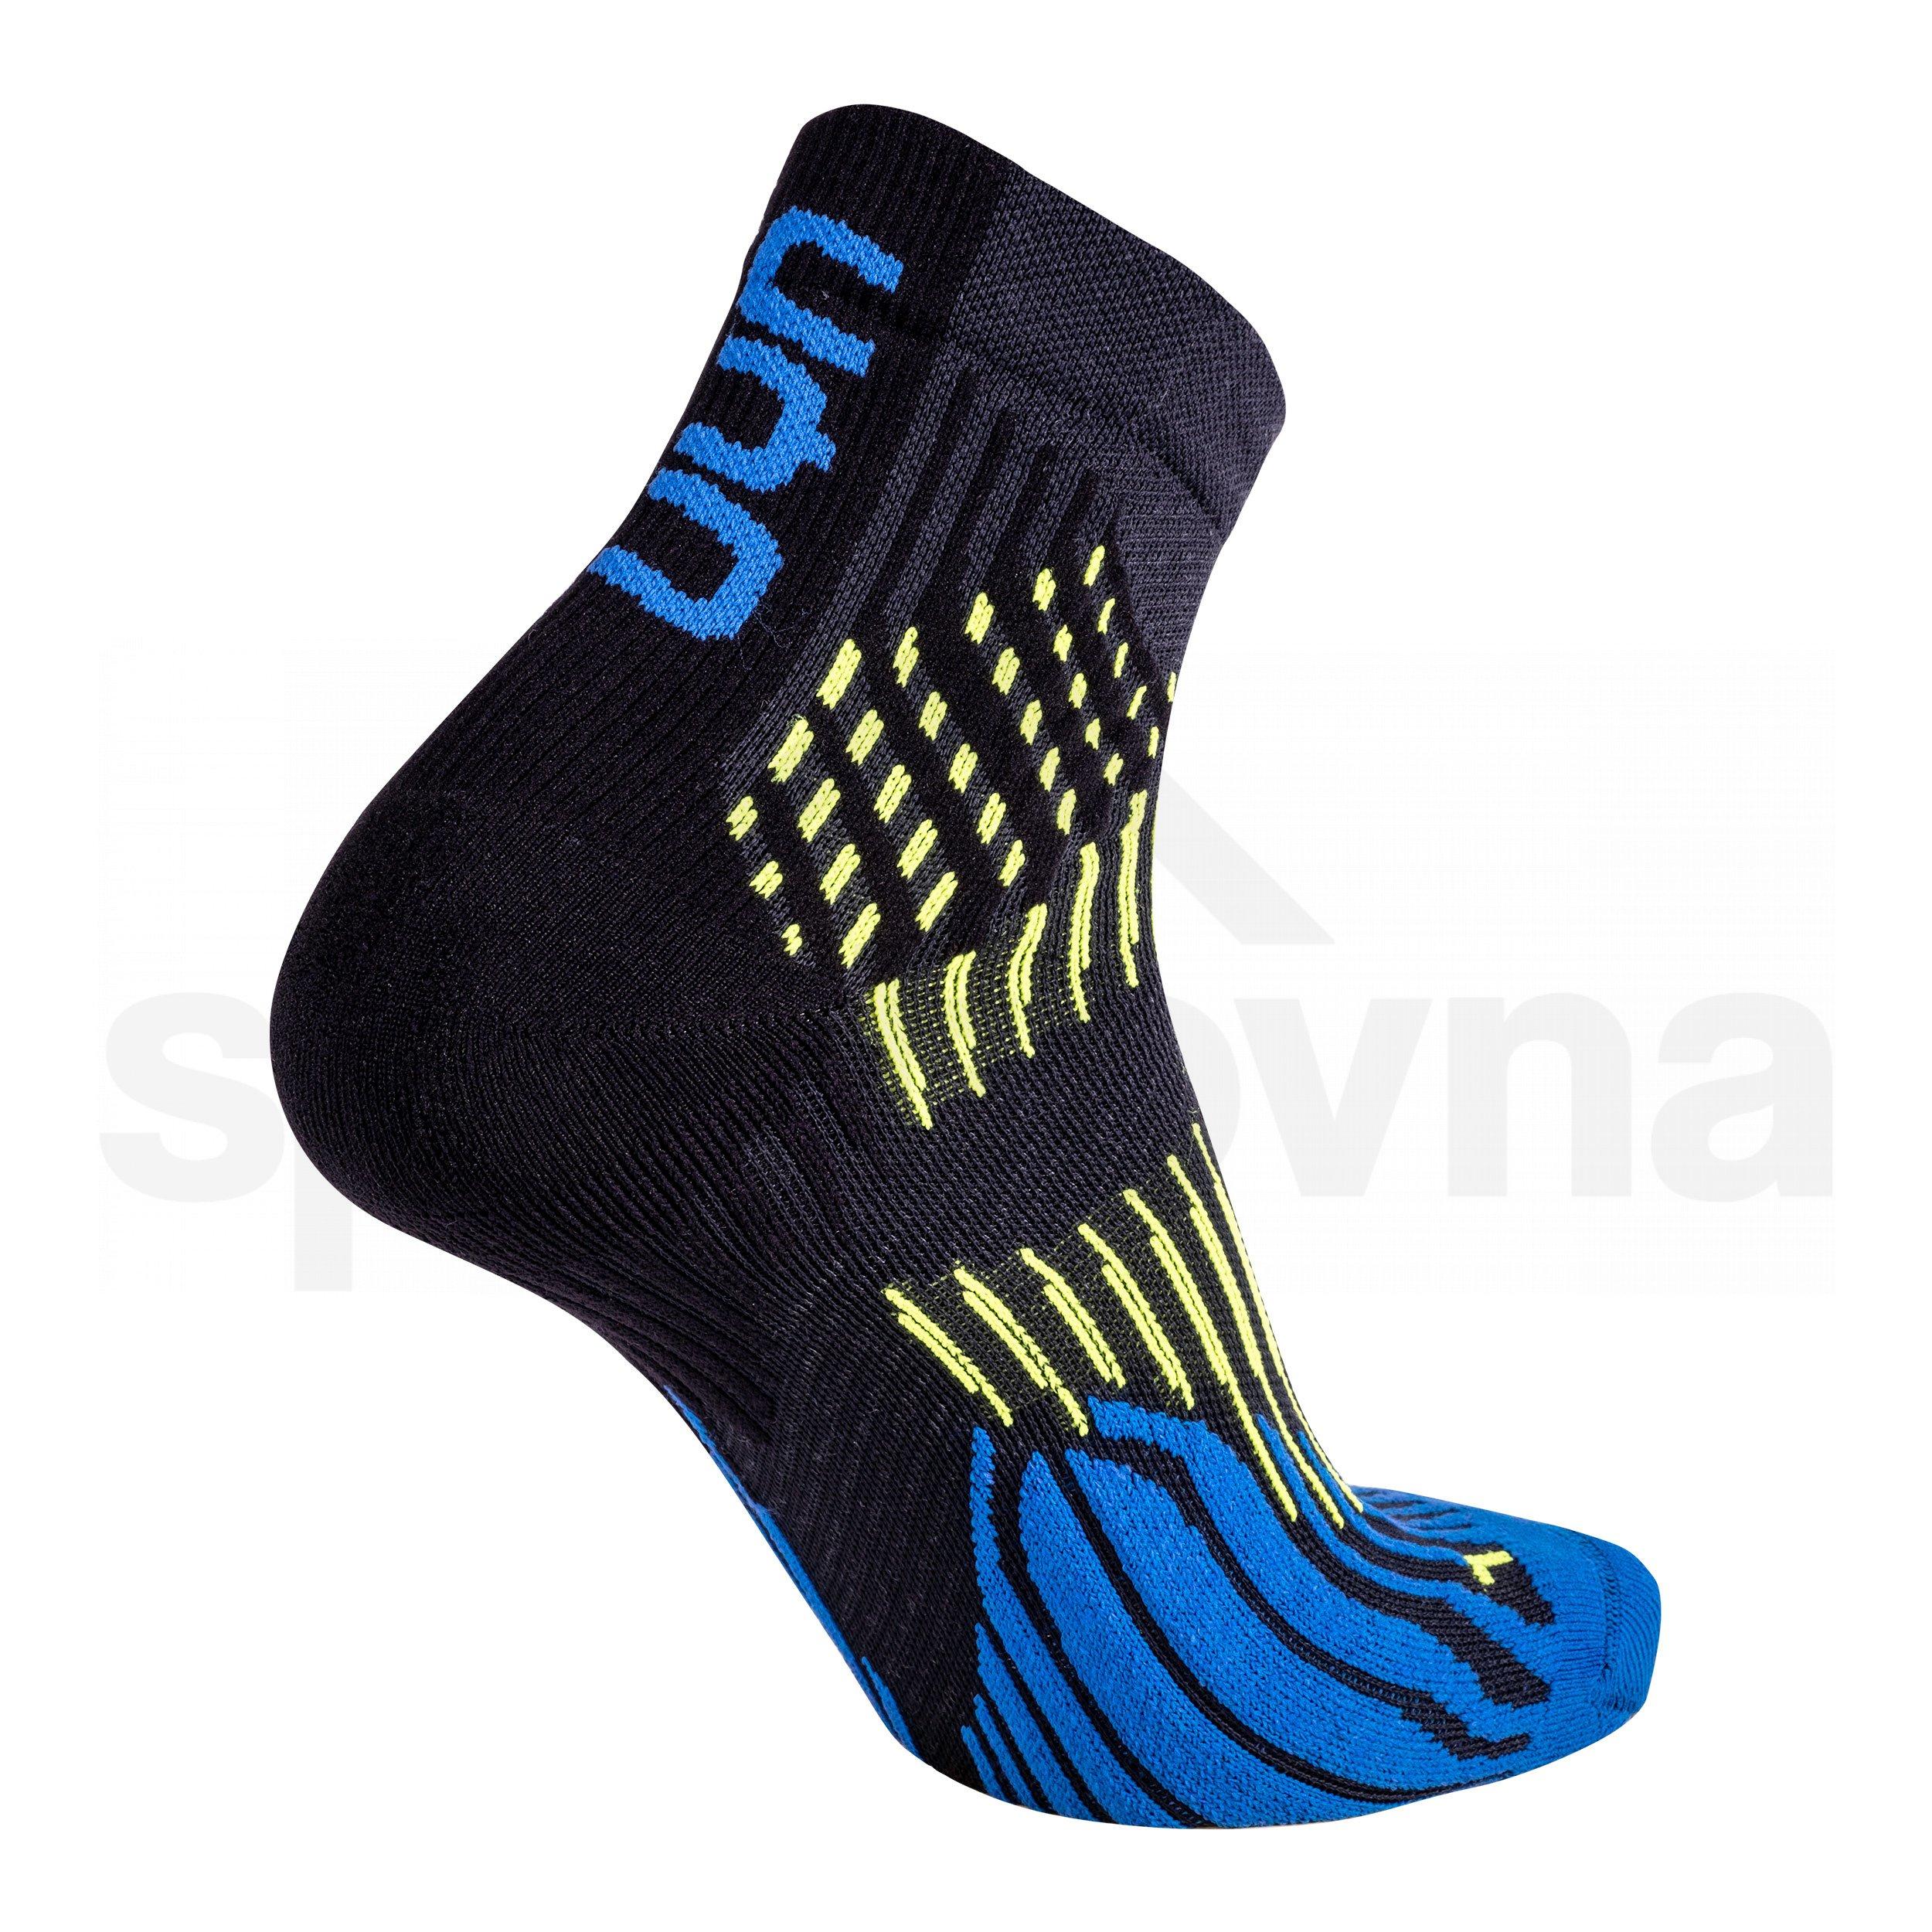 Pánské ponožky UYN RUN SHOCKWAVE SOCKS - černá/modrá/žlutá